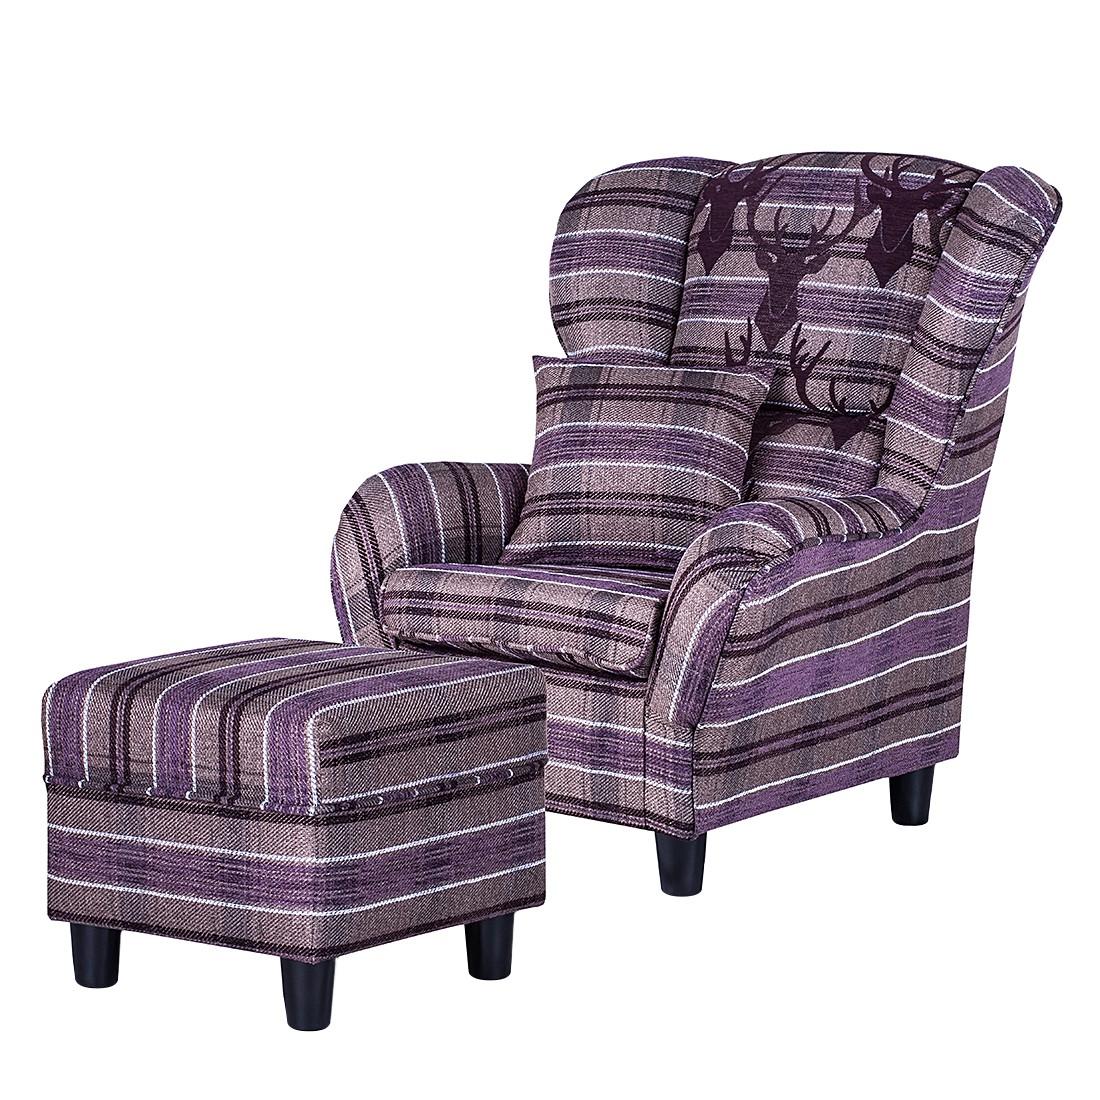 ohrensessel mit hocker sonstige maison belfort. Black Bedroom Furniture Sets. Home Design Ideas